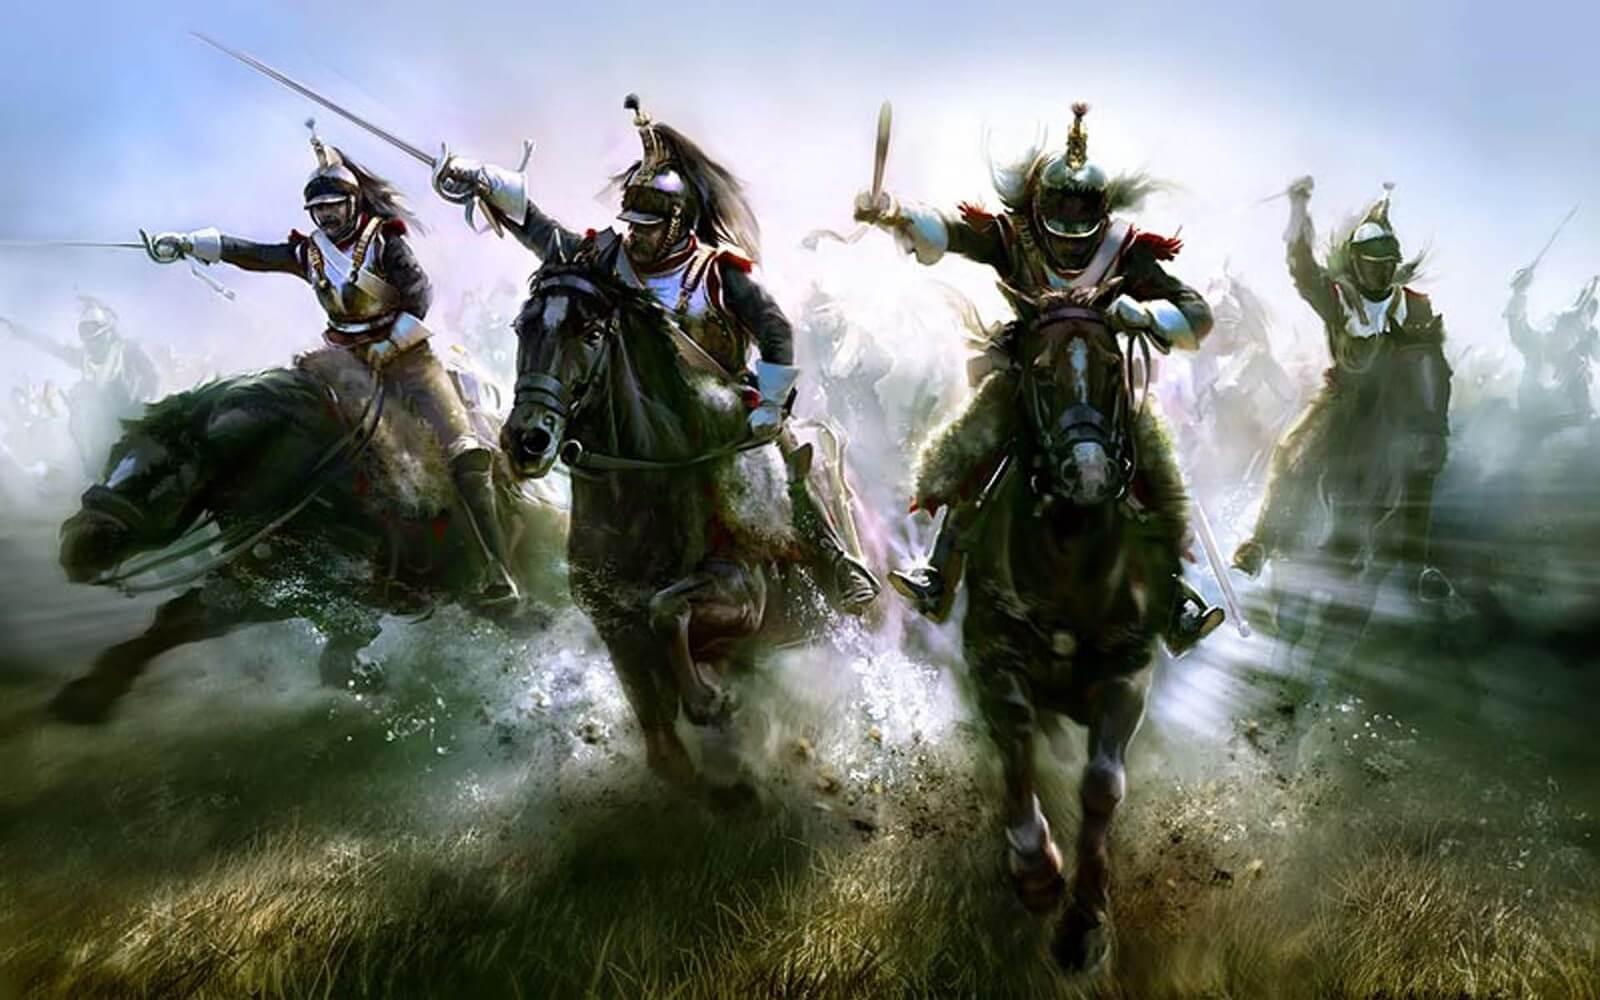 Iéna : une victoire magistrale qui a mis fin à l'arrogance prussienne le 14 octobre 1806